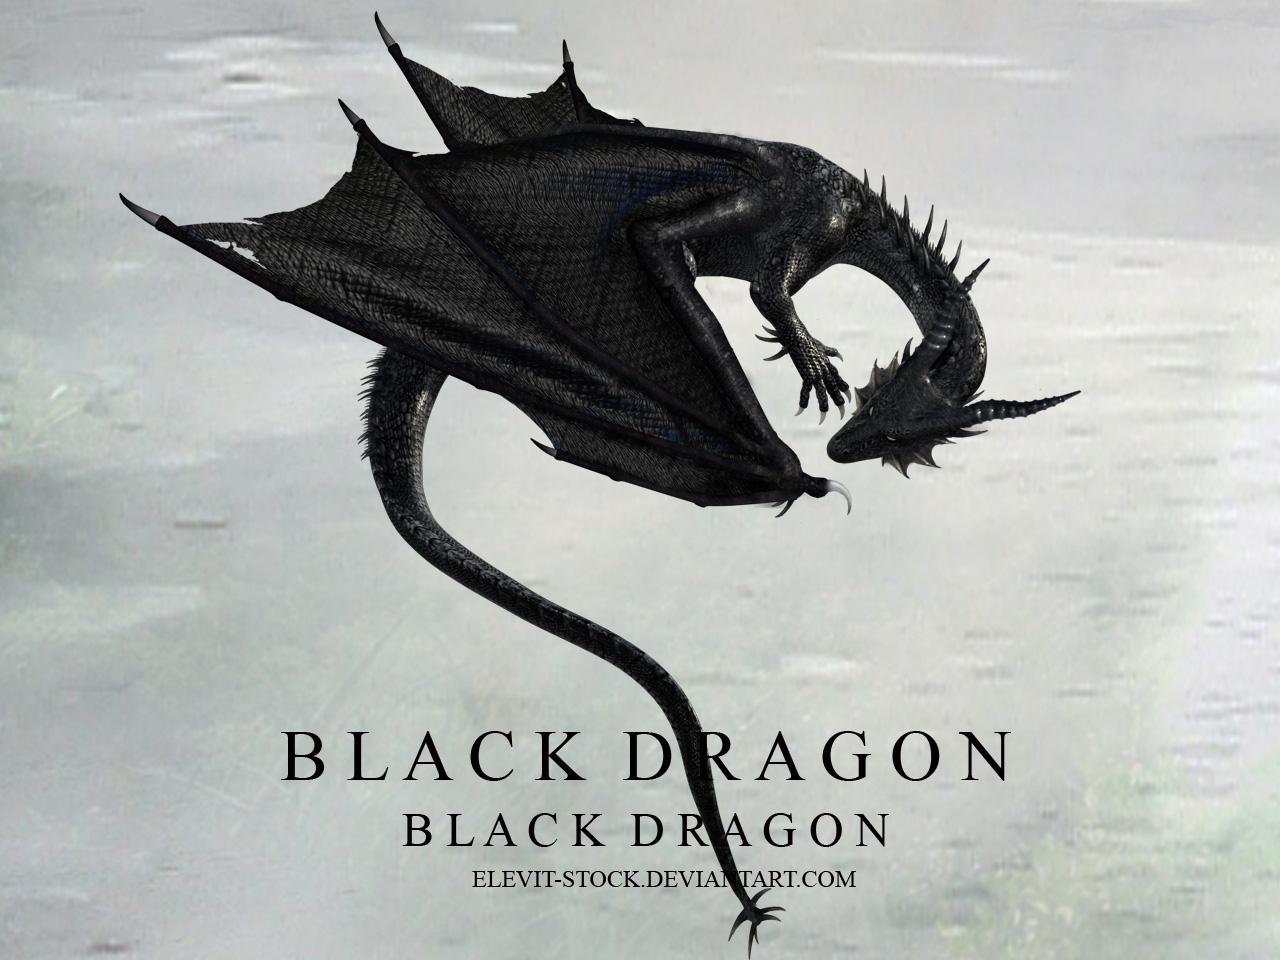 E S Black dragon